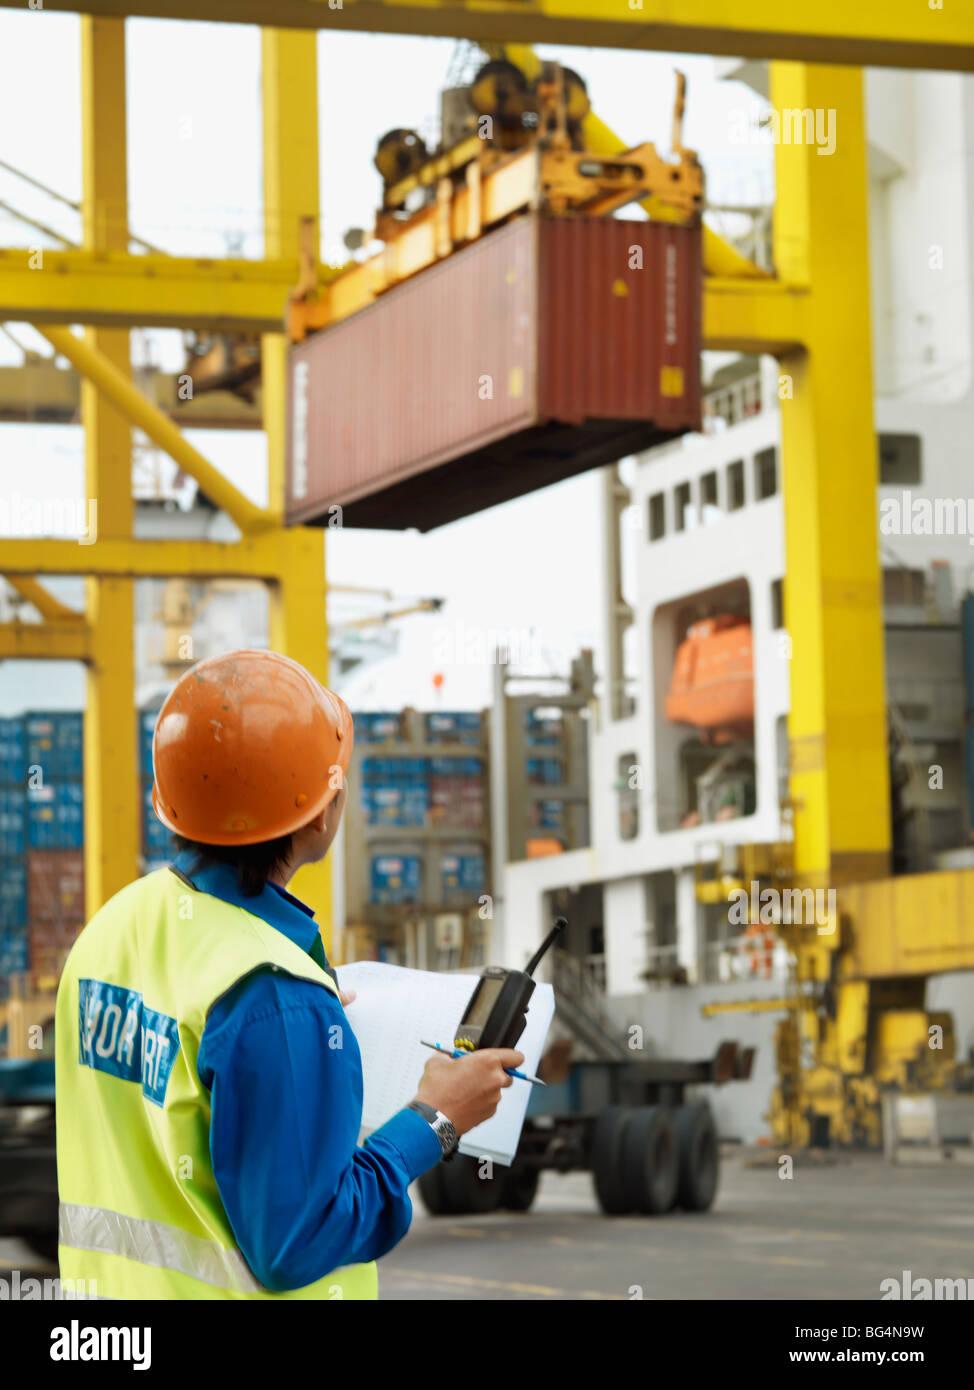 Un lavoratore porta esercitando la supervisione su una il carico di una nave in un contenitore commerciale porto Immagini Stock